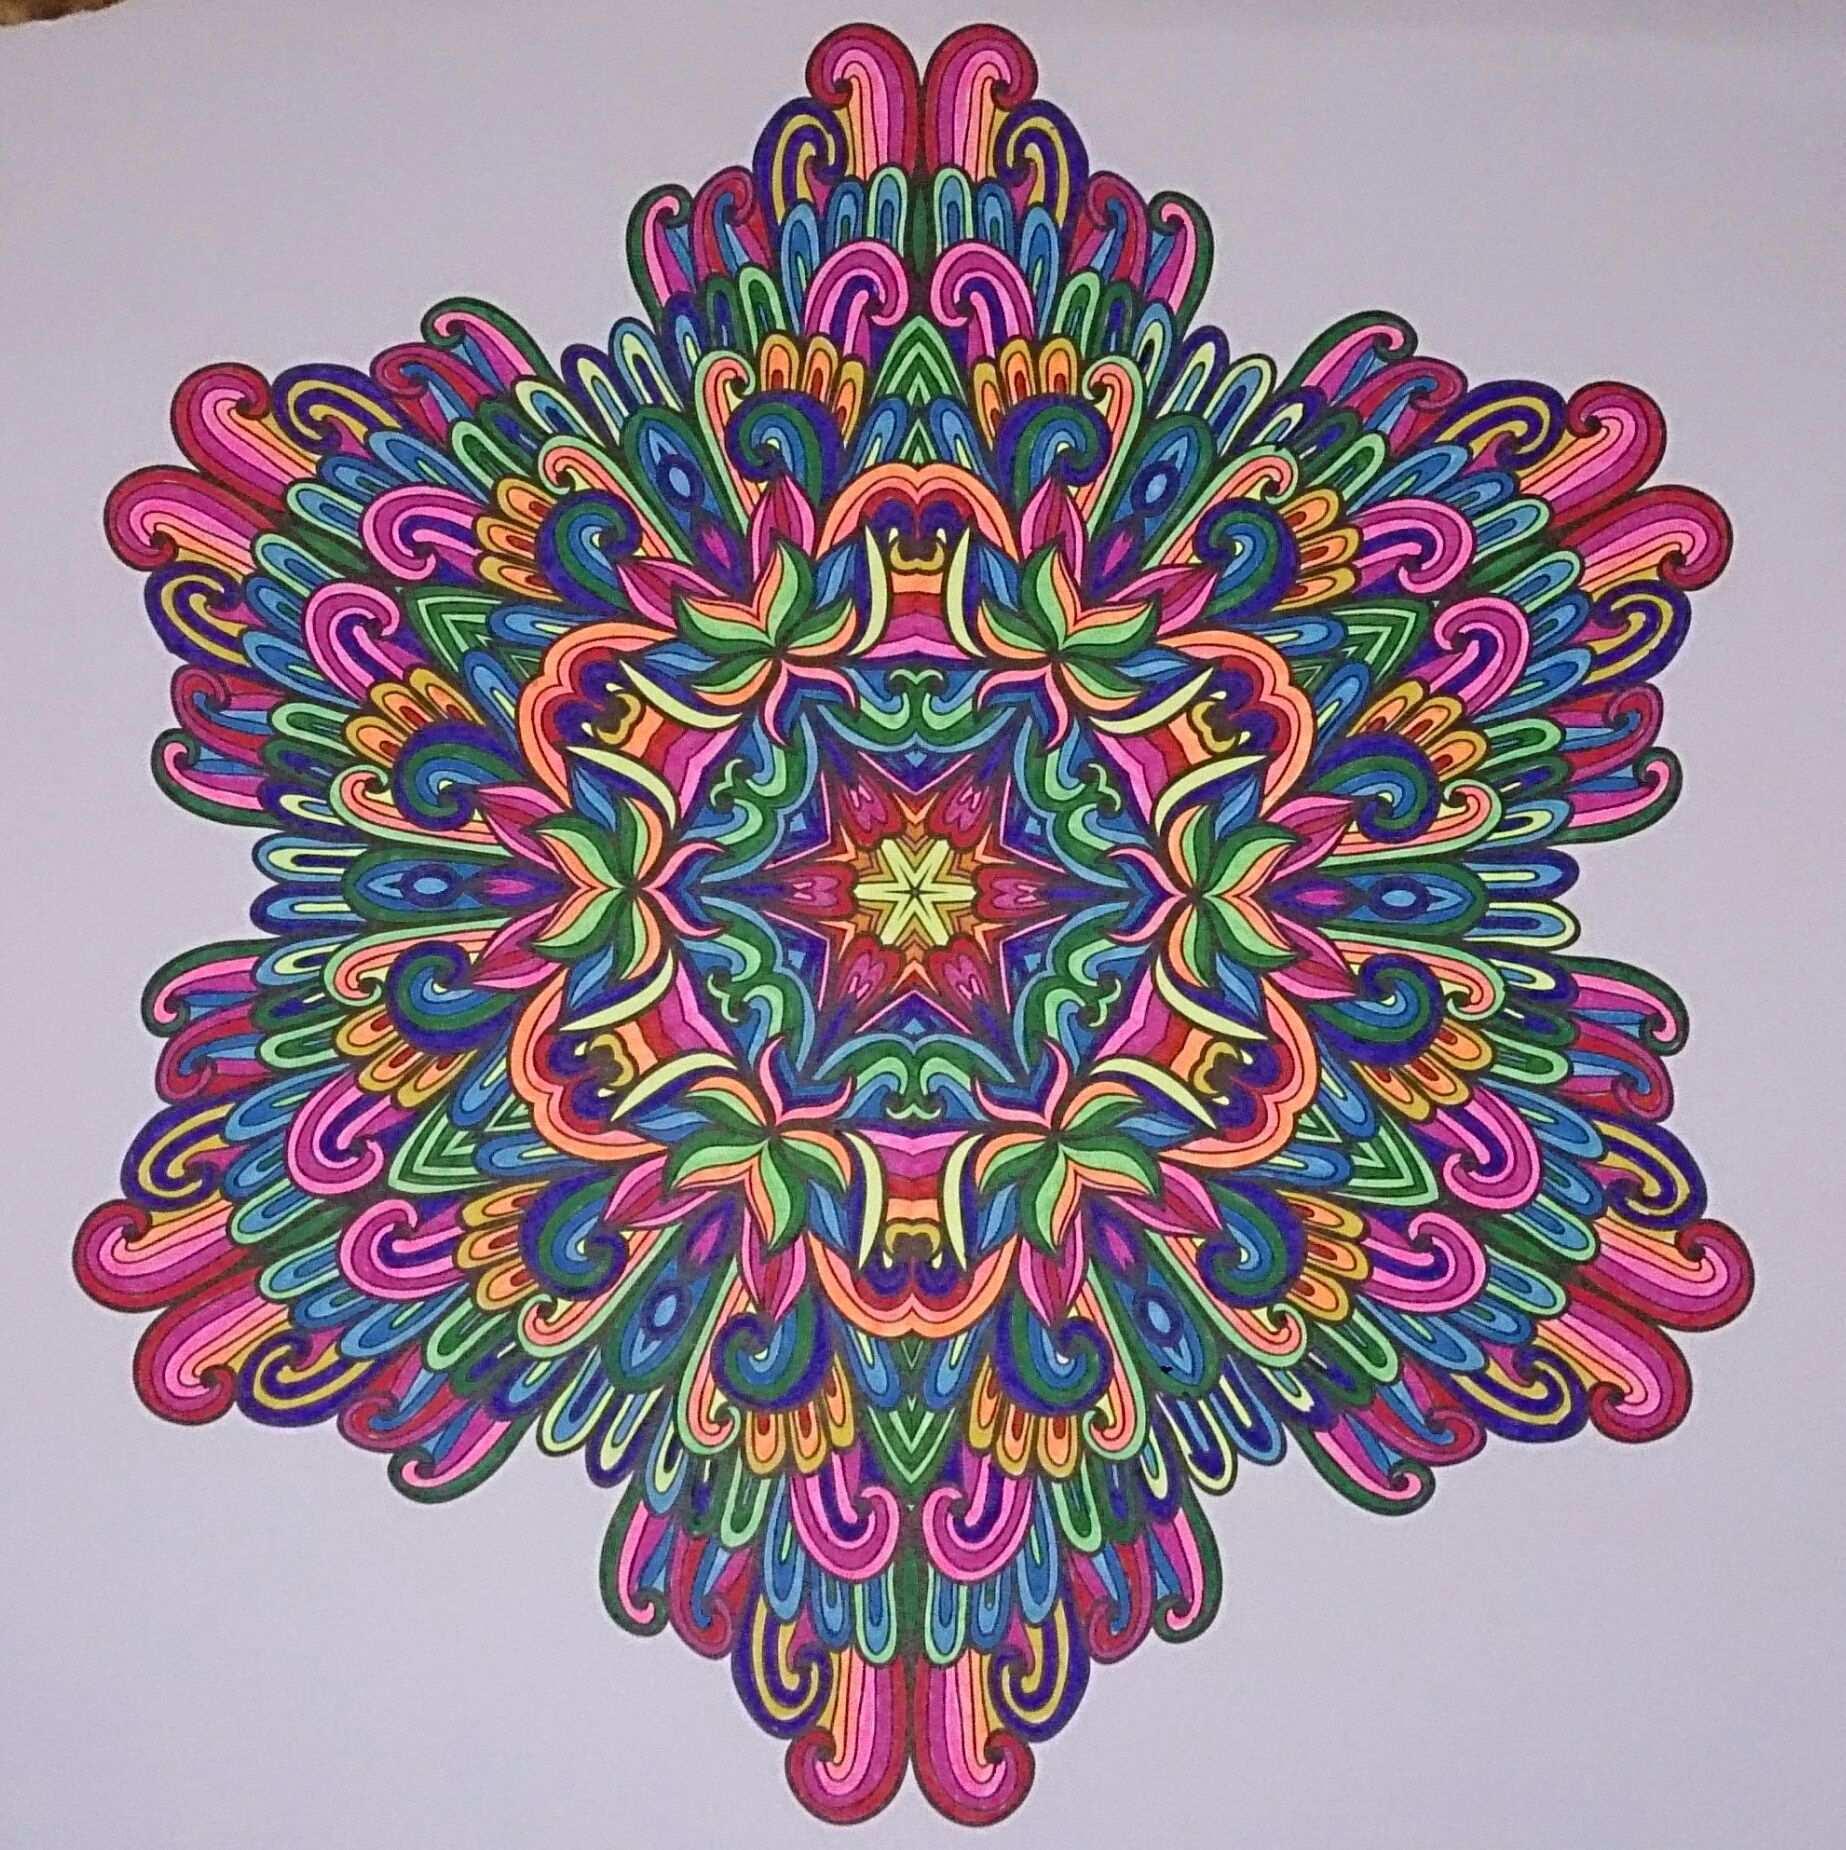 Mijn Allereerste Ingekleurde Mandala Ingekleurd Met Stabilo 68 Uit Het Enige Echte Mandala Kleurboek Mandala Kleurplaten Mandala Kleurboek